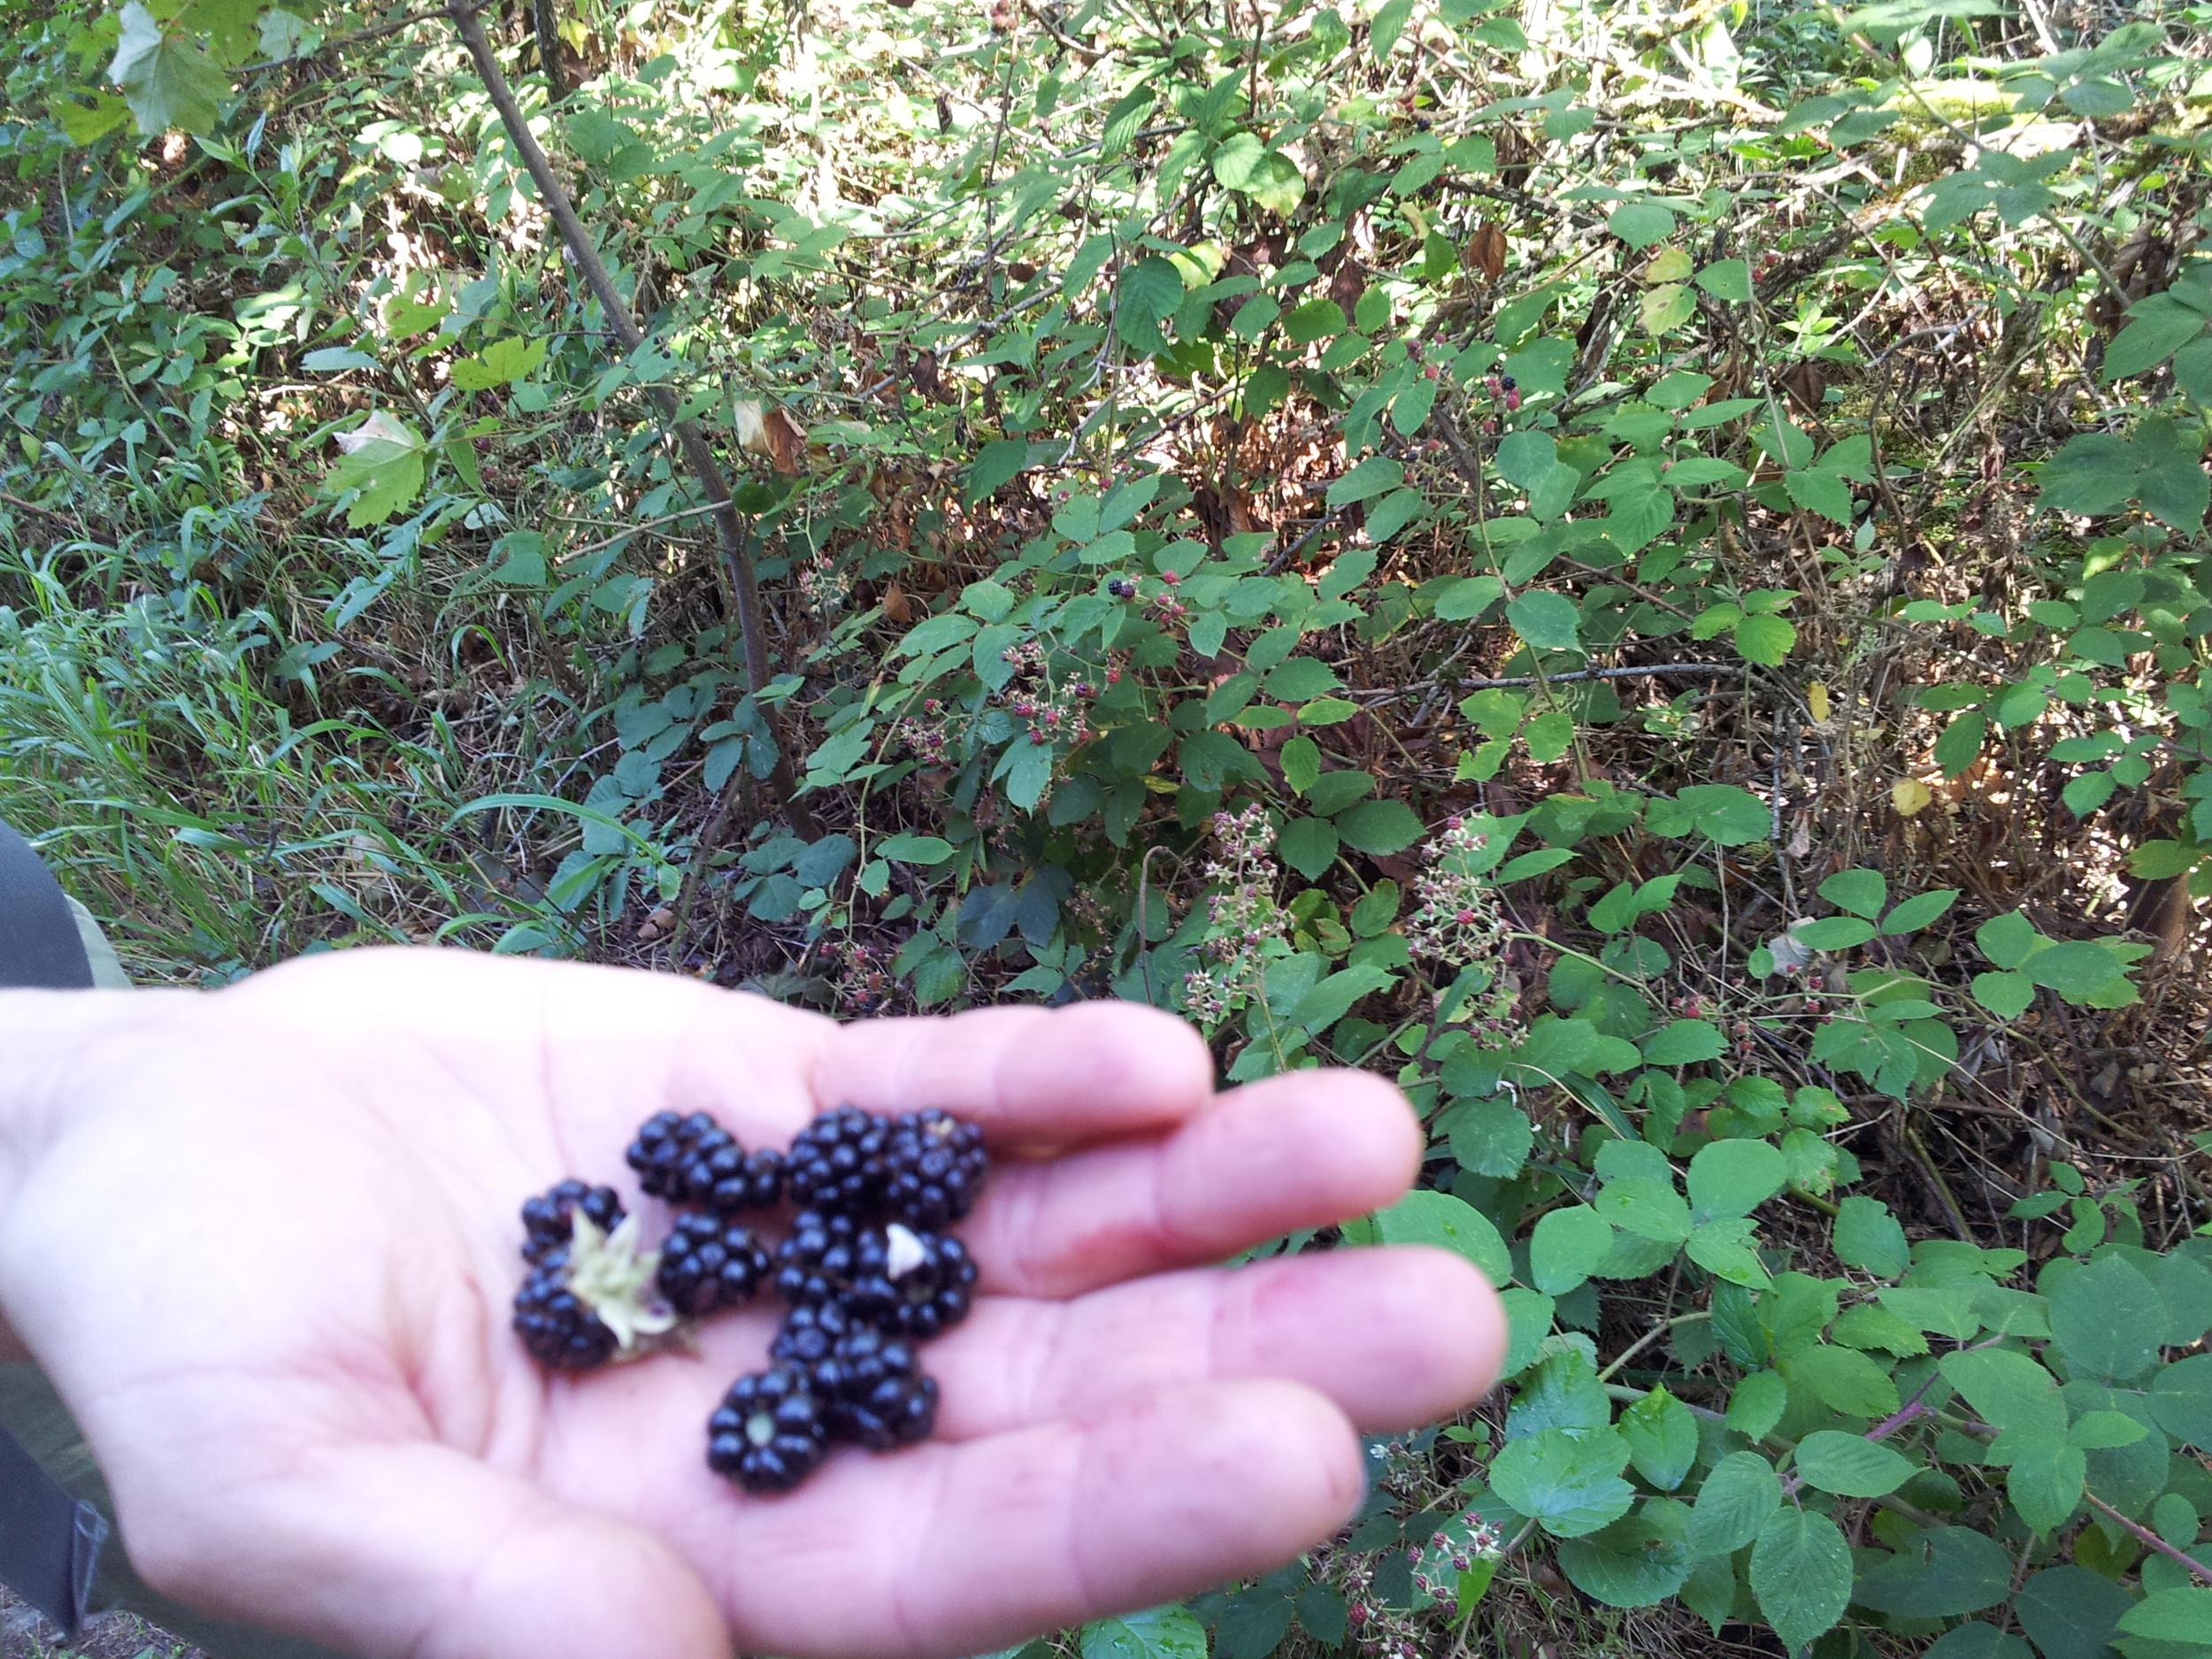 We found sweet, ripe, juicy, blackberries and ate them too